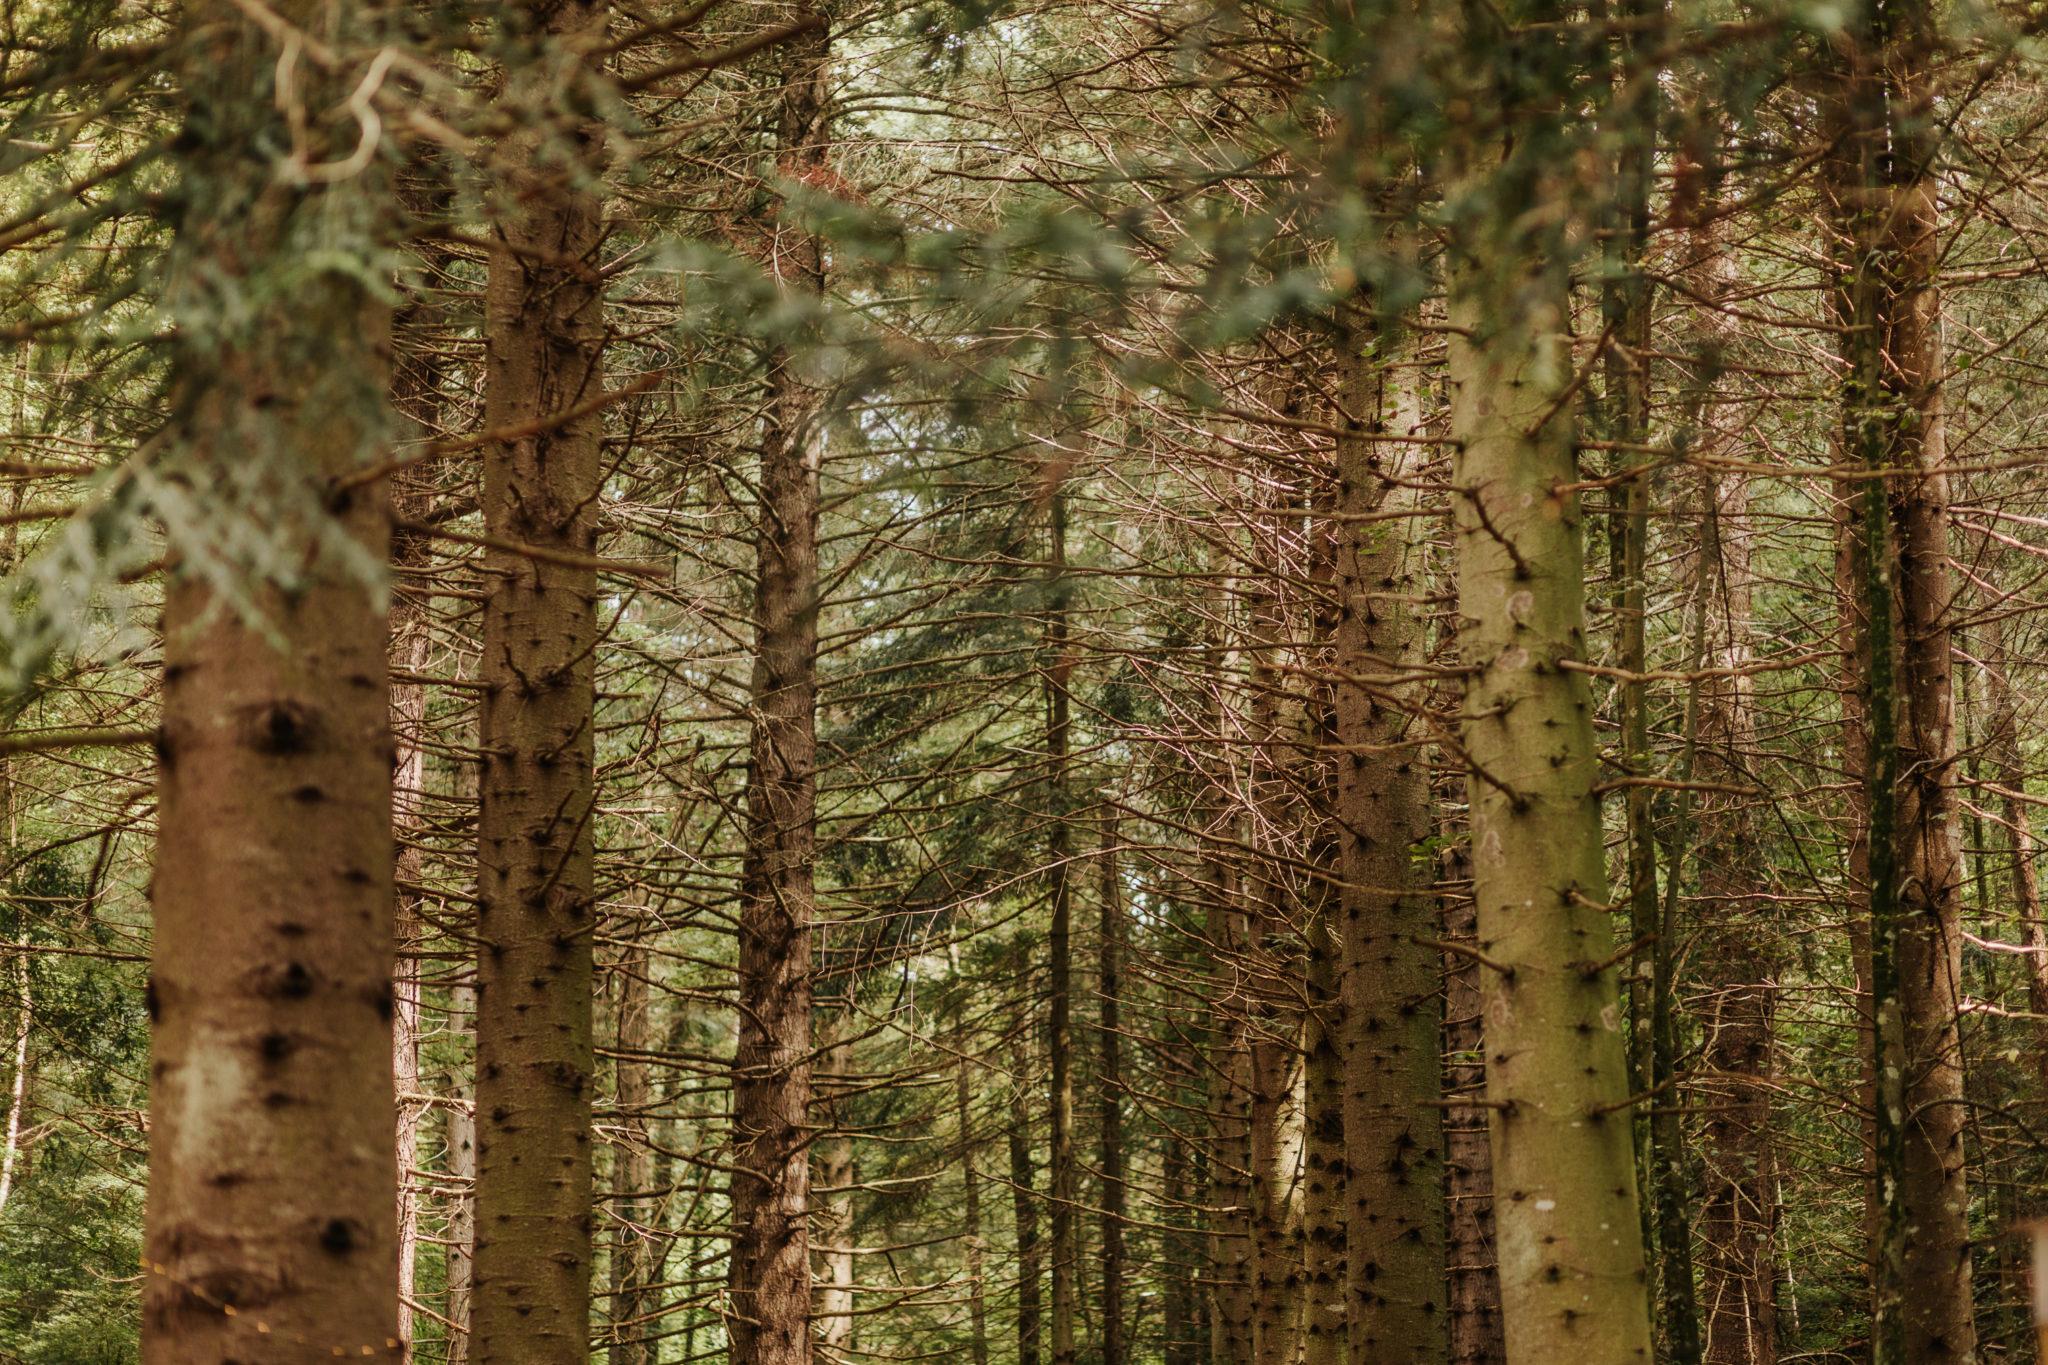 Boda entre árboles. Arboretum de Masjoan. Boda entre secuoyas. Jordi Dalmau novias